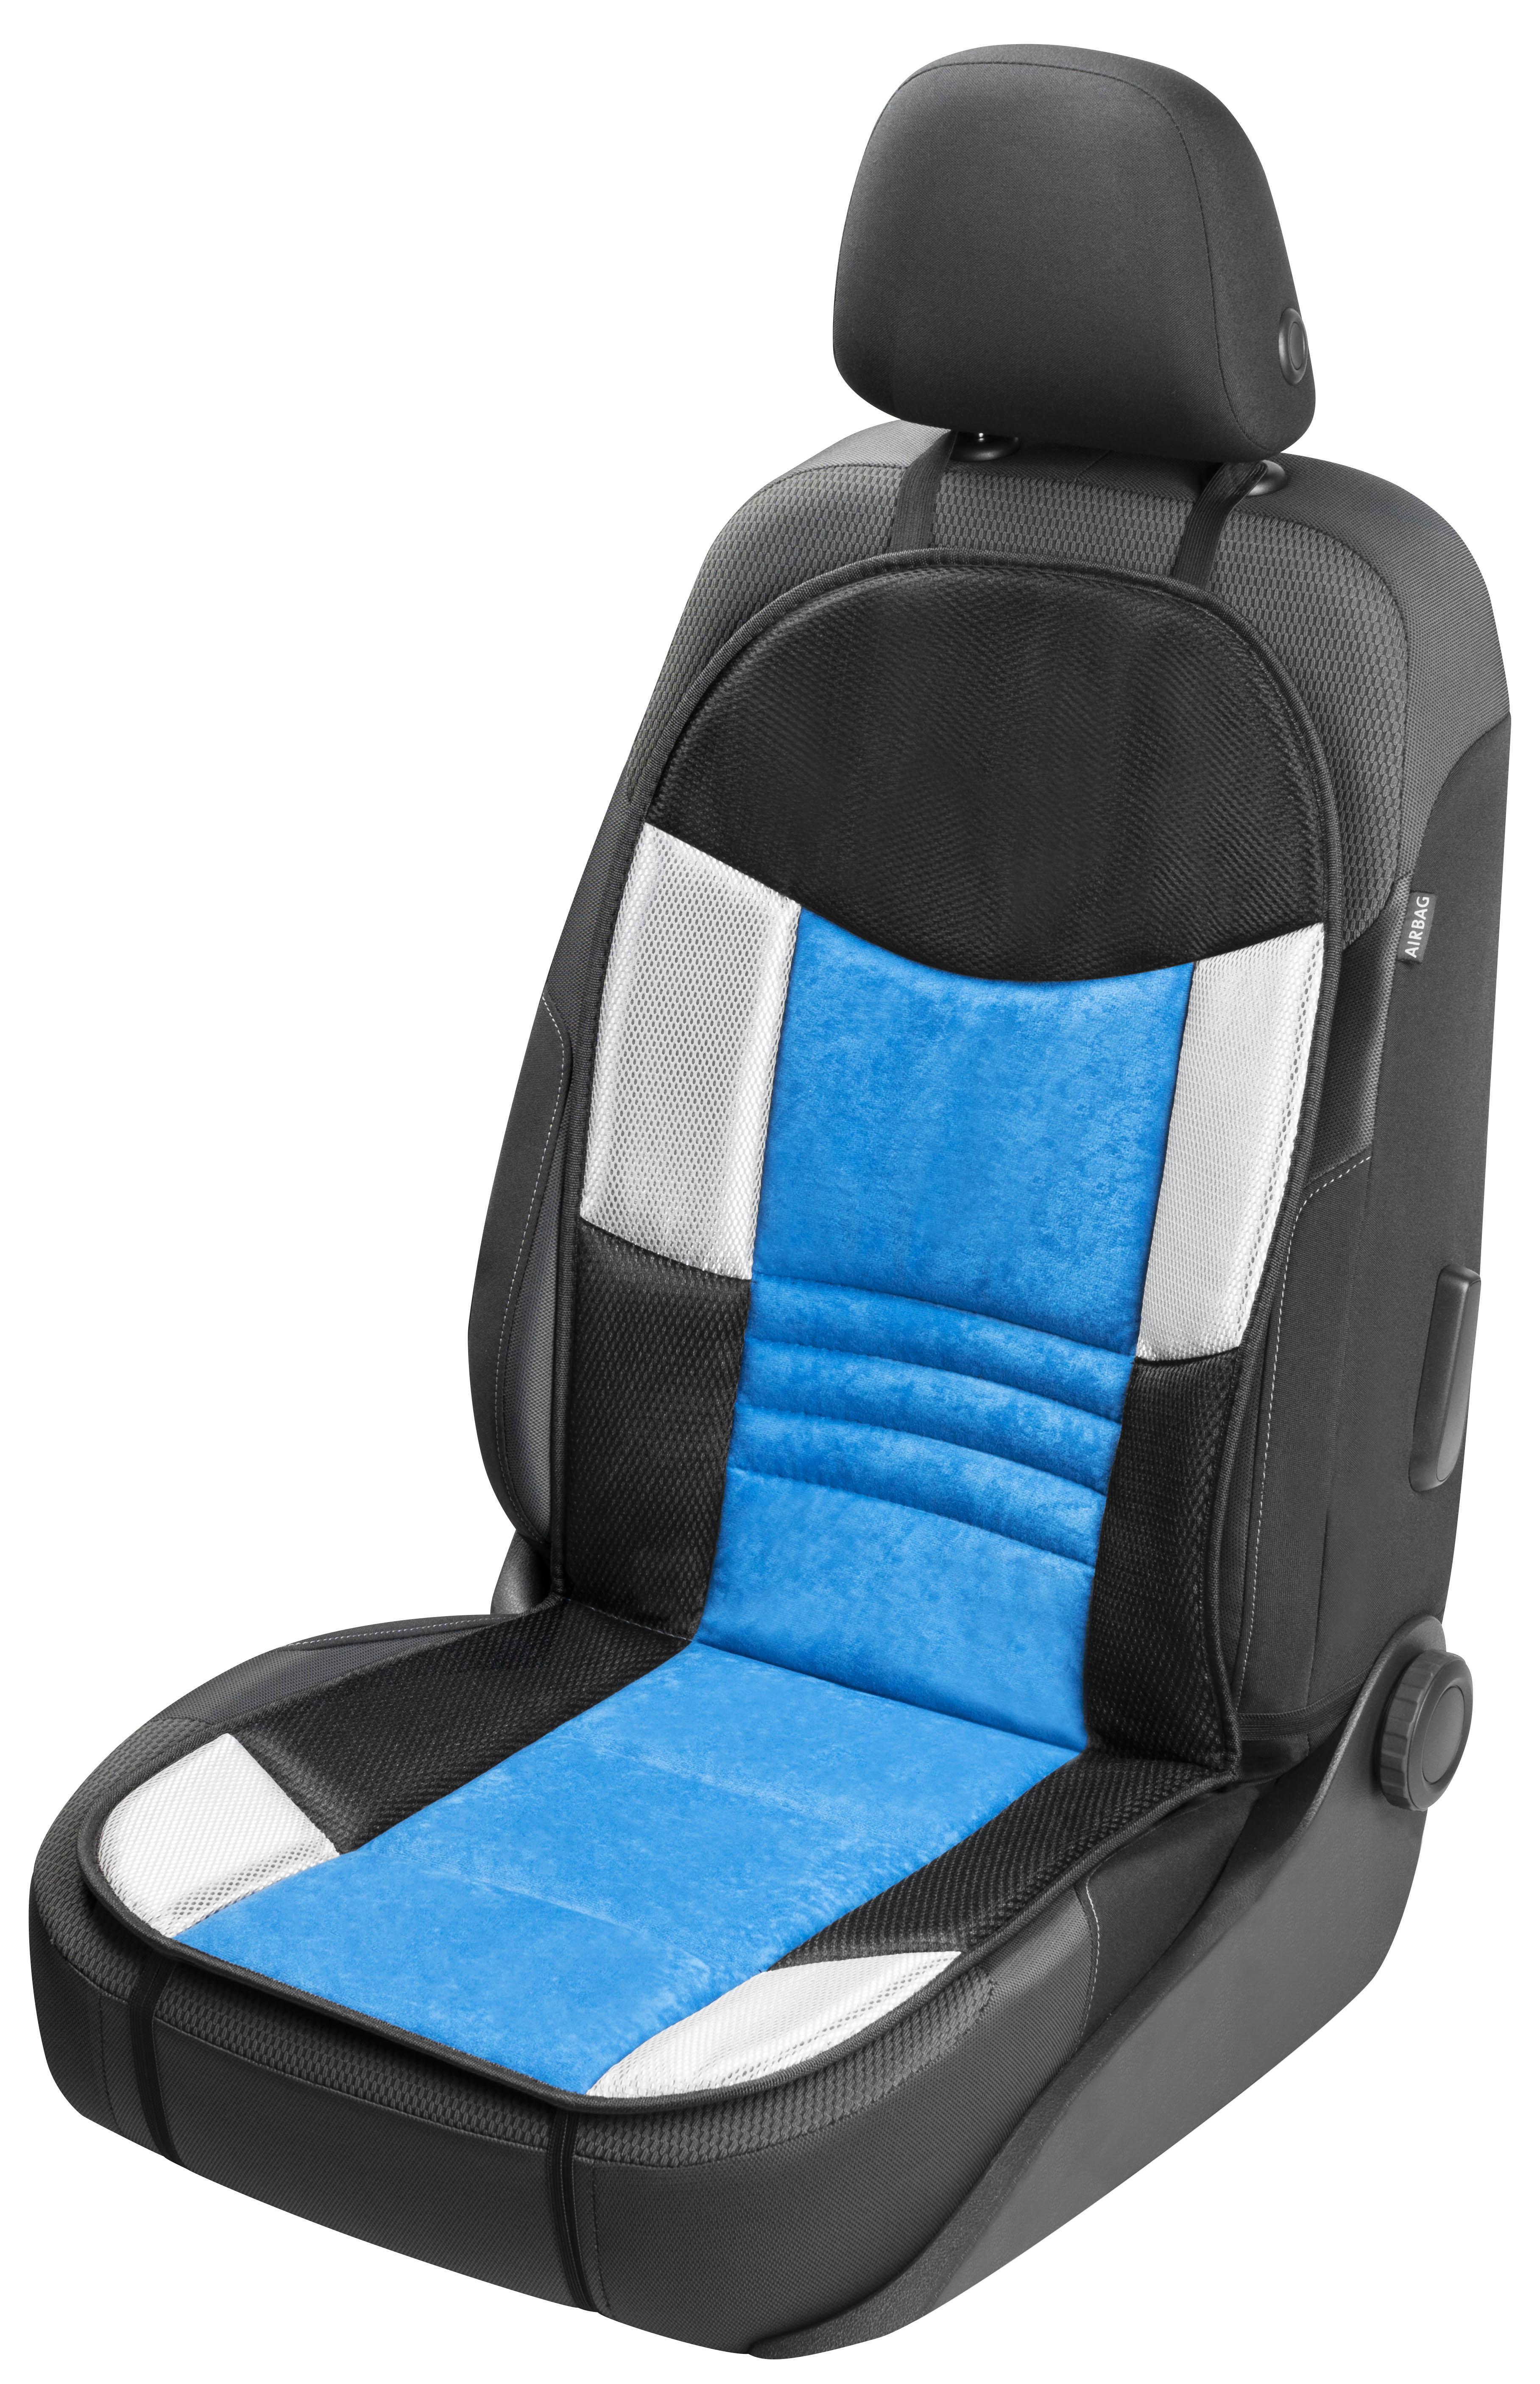 Sitzauflagen für Autos 11666 WALSER 11666 in Original Qualität